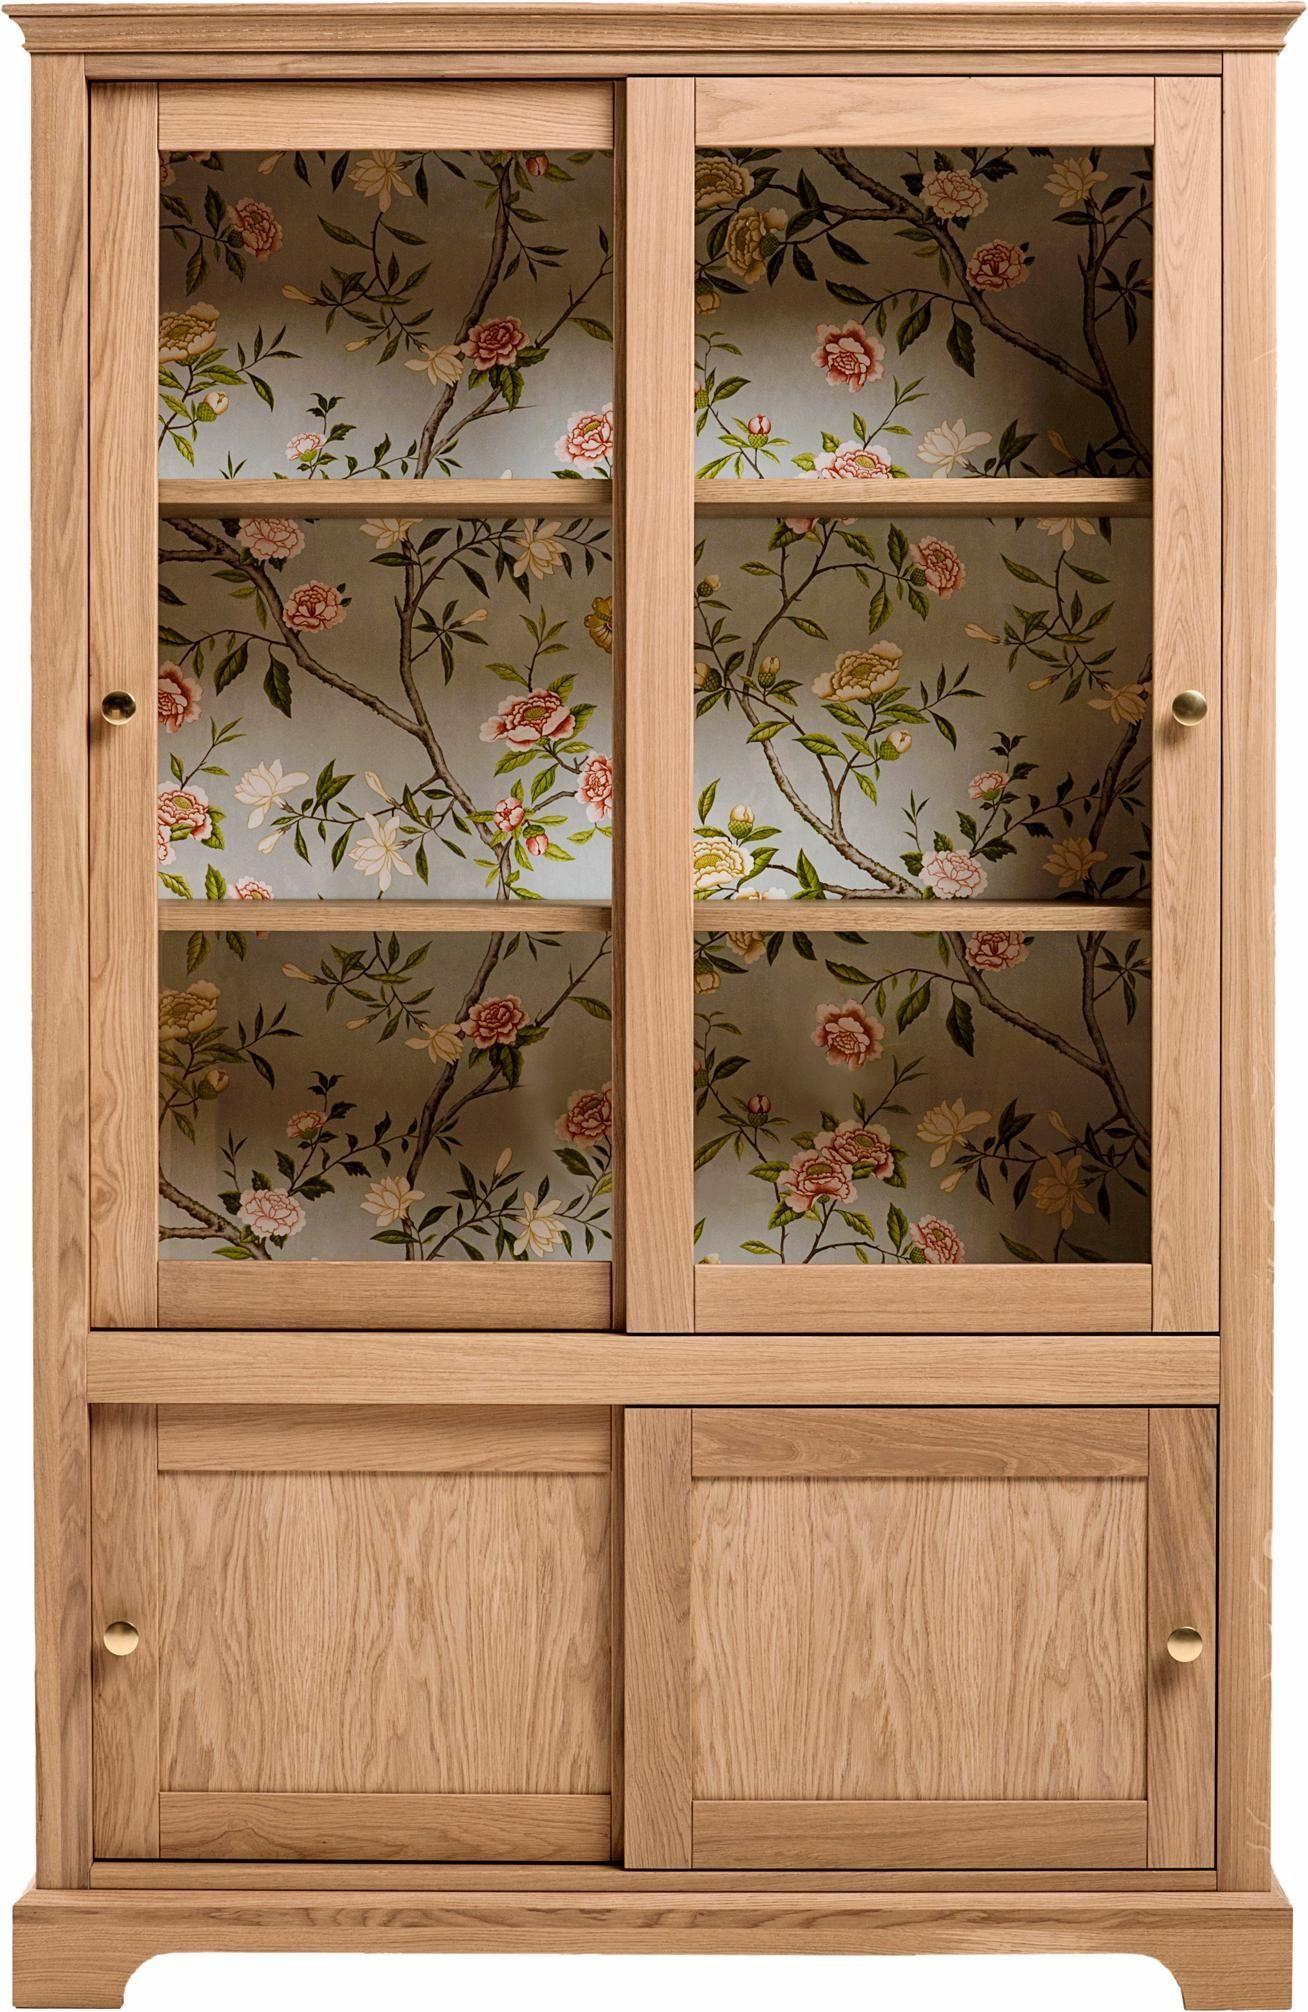 Premium collection by Home affaire Vitrine »Hertford«, innen verziert mit floralem Dekor